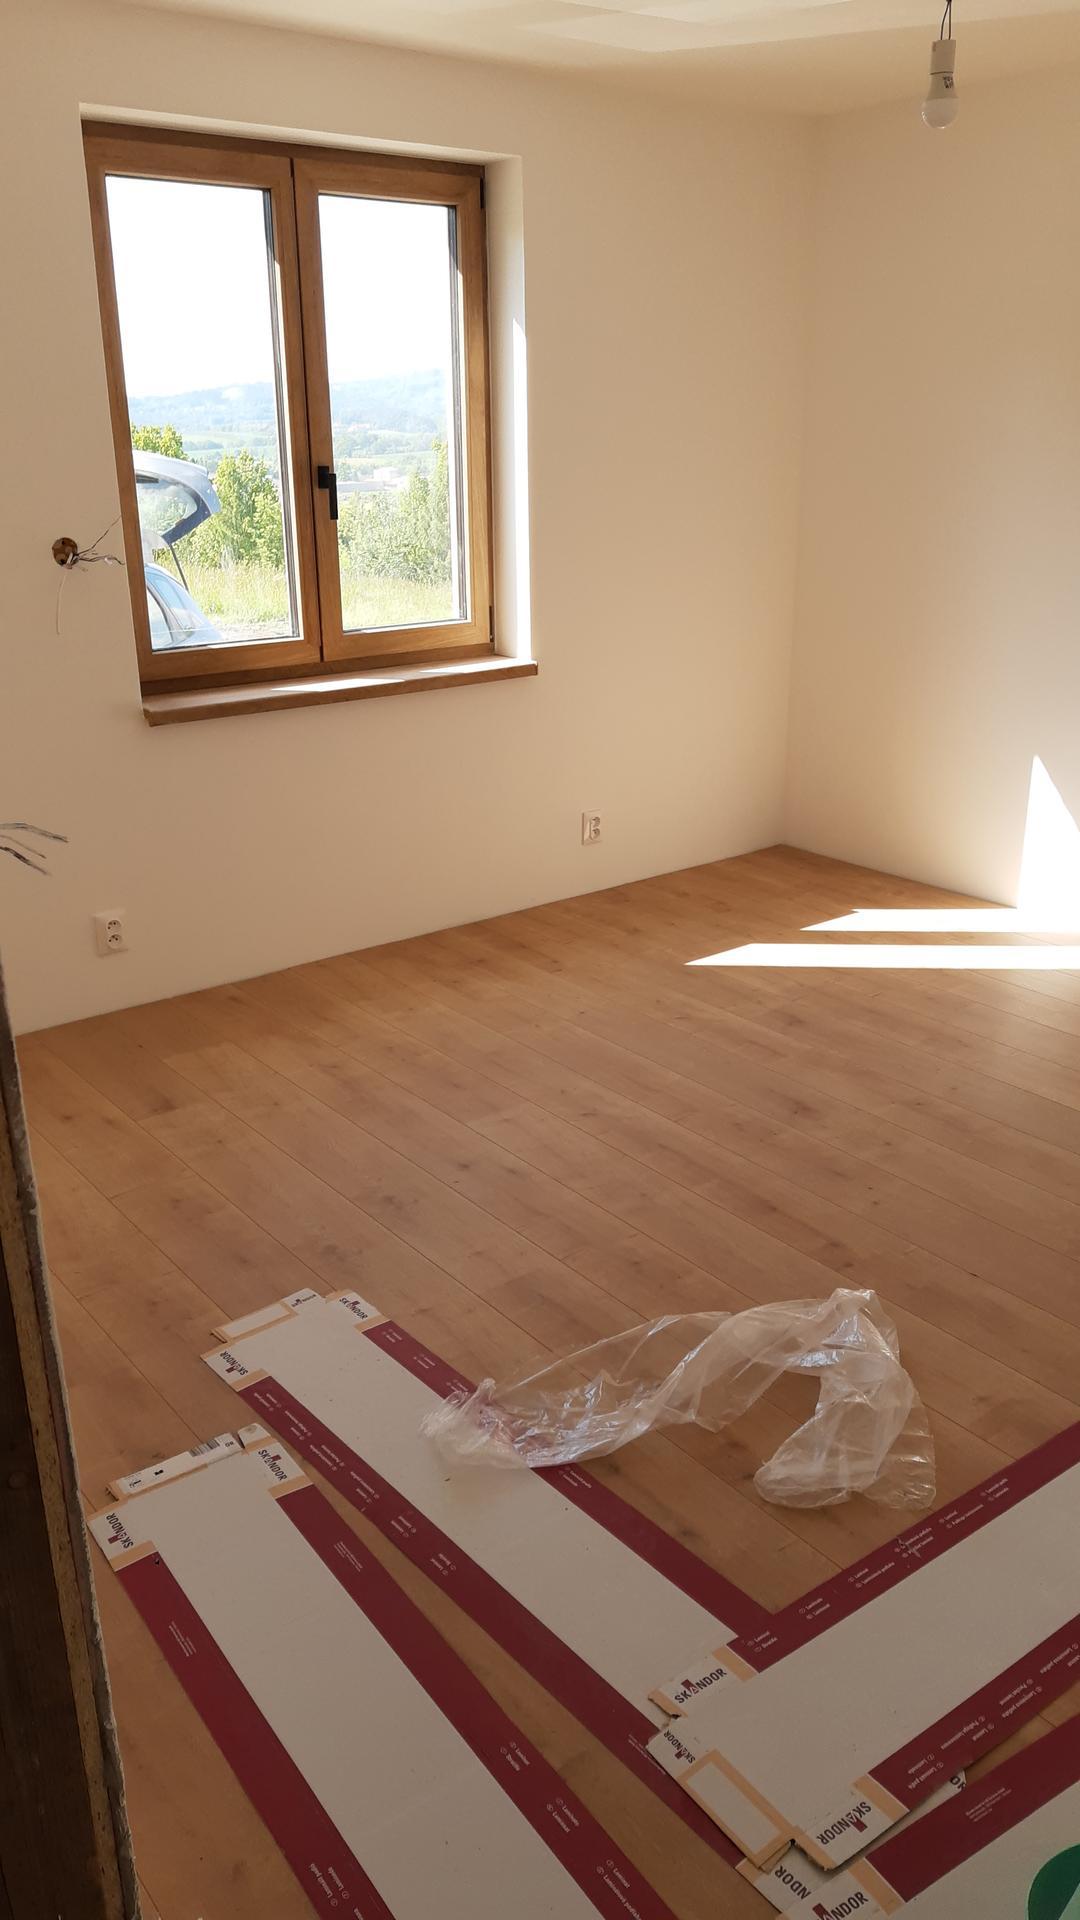 Pomalu ale snad jiste :) - Podlahy jsme nestihli ani poradne vyfotit 🙂 samozrejme, ze tu barvu podlahy adekvatne vyfotit nejde 😀